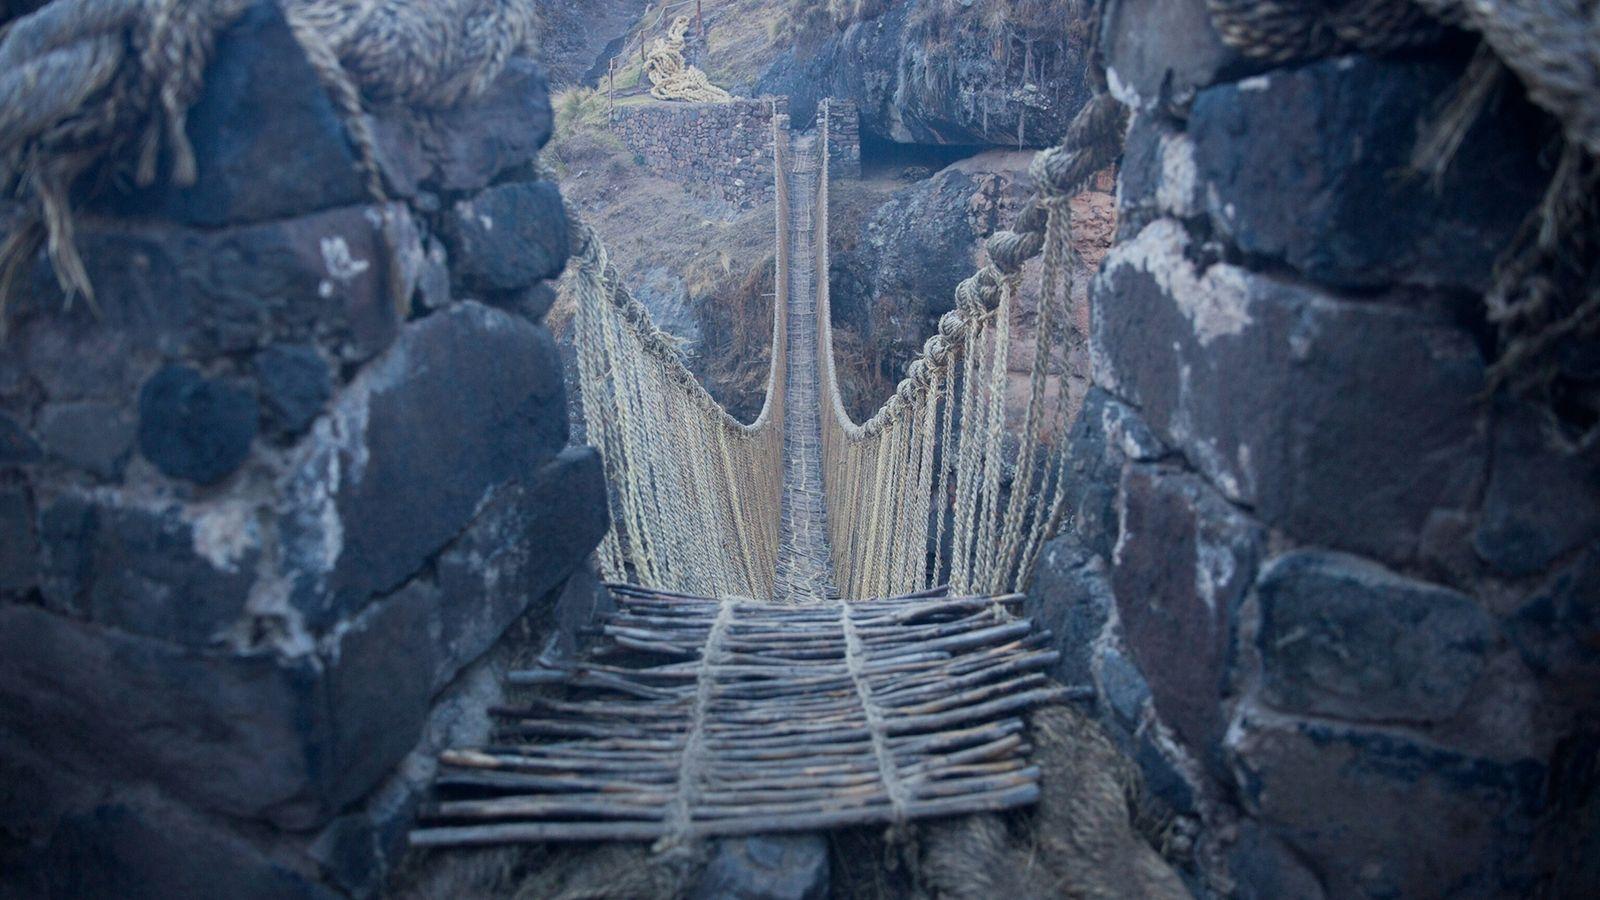 Le pont Q'eswachaka est le dernier pont suspendu inca connu.